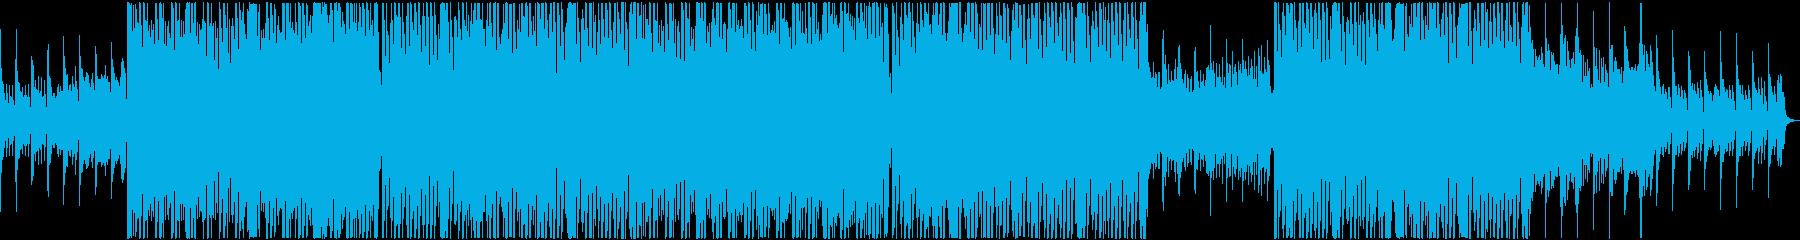 テラハで流れていそうなおしゃれBGMの再生済みの波形